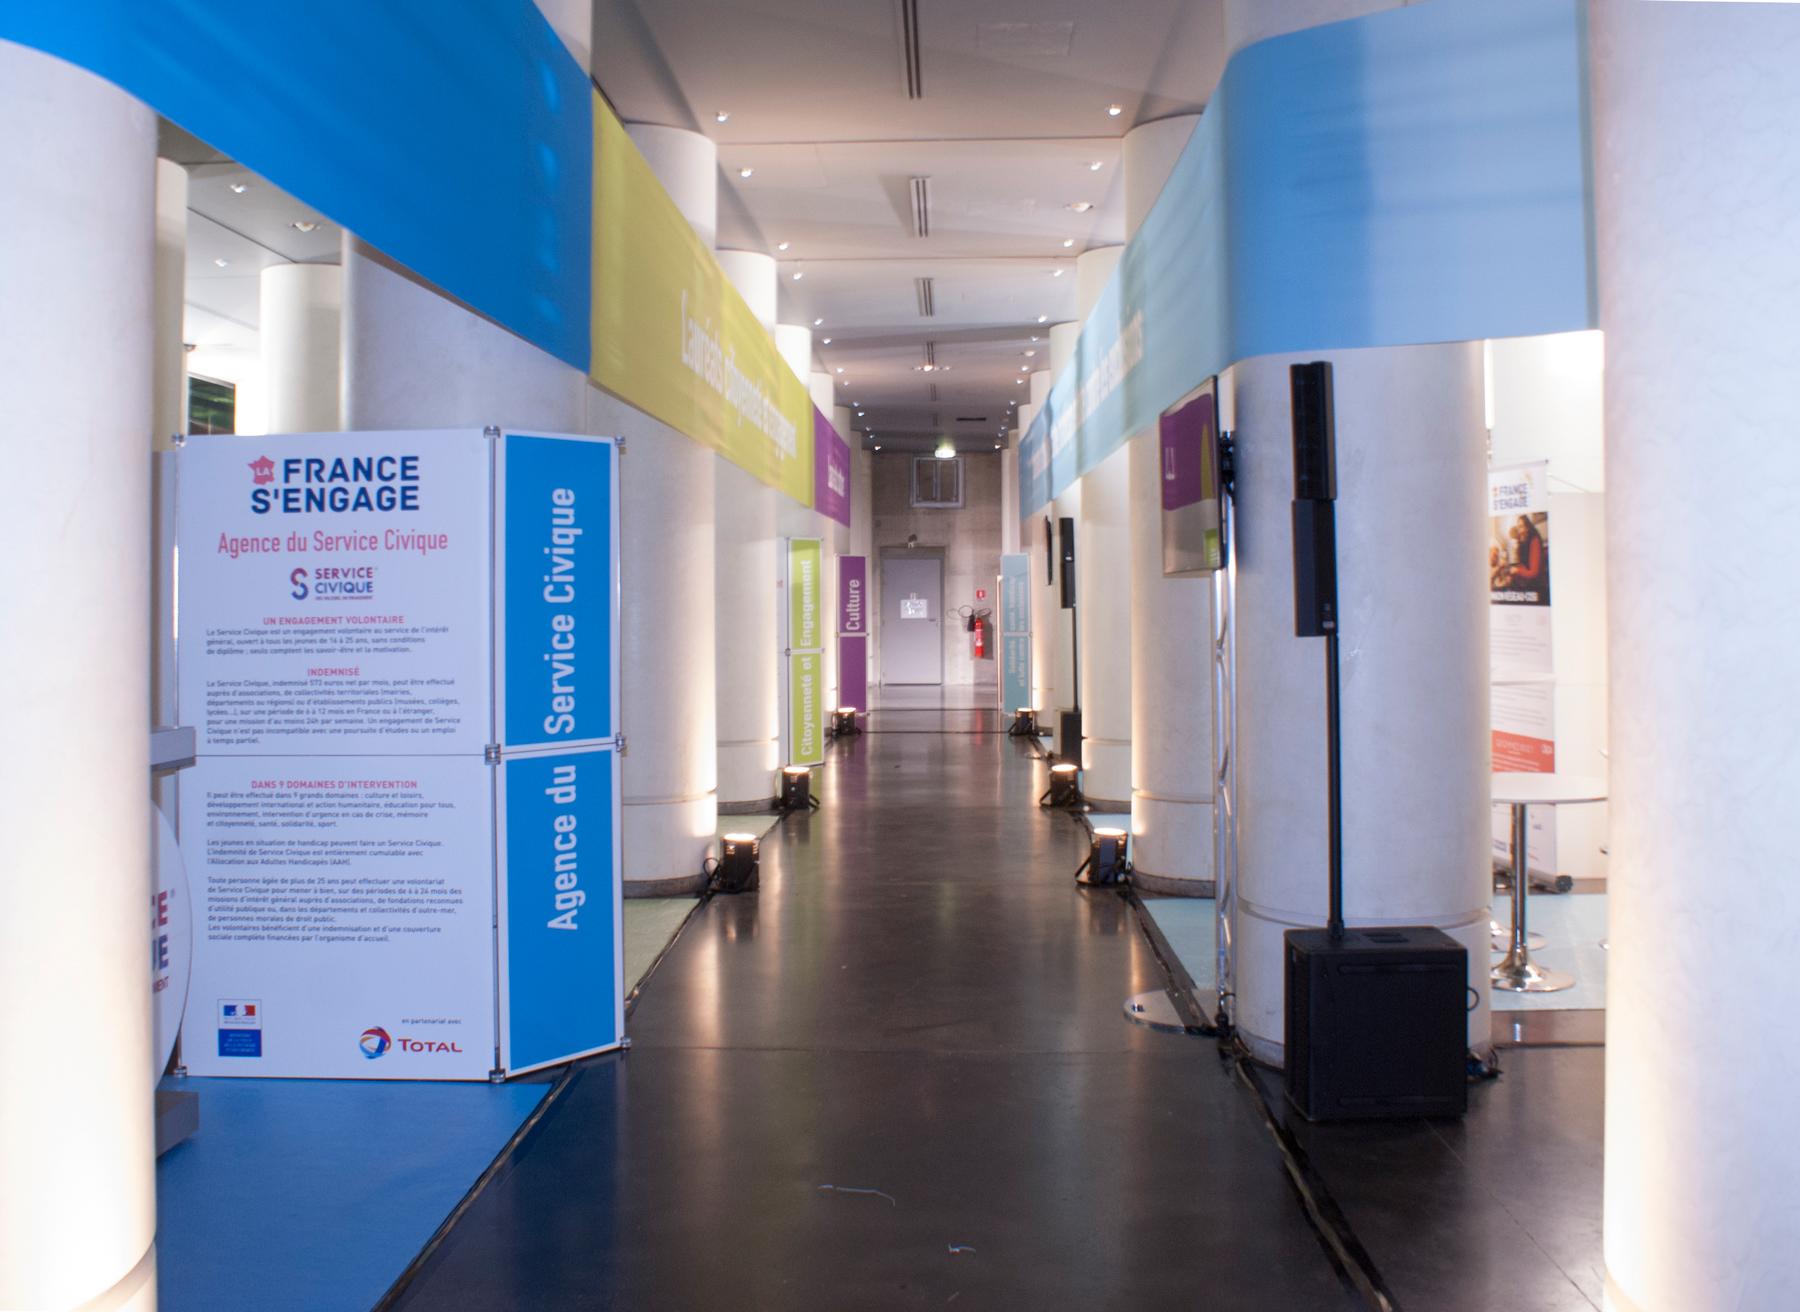 Installation générale pour l'évènement La France S'Engage à l'Institut du Monde Arabe, édition 2015